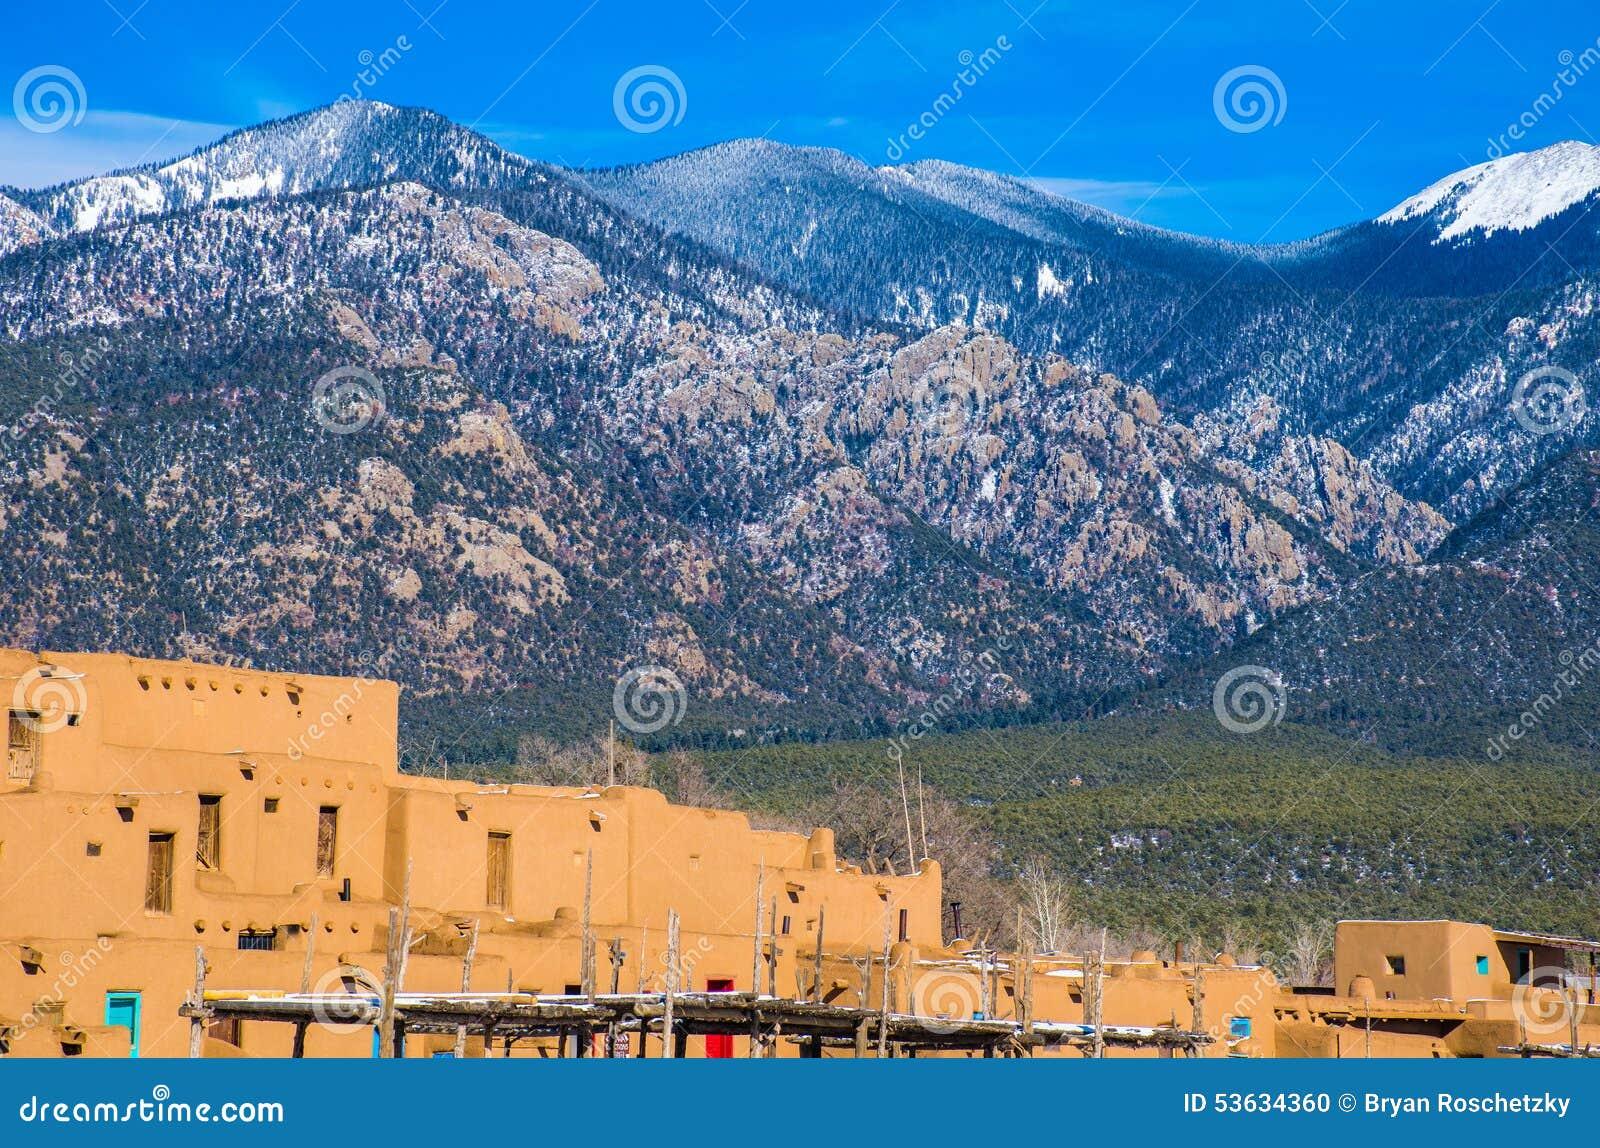 Taos New Mexico Sangre de cristo Mountains Ancient History